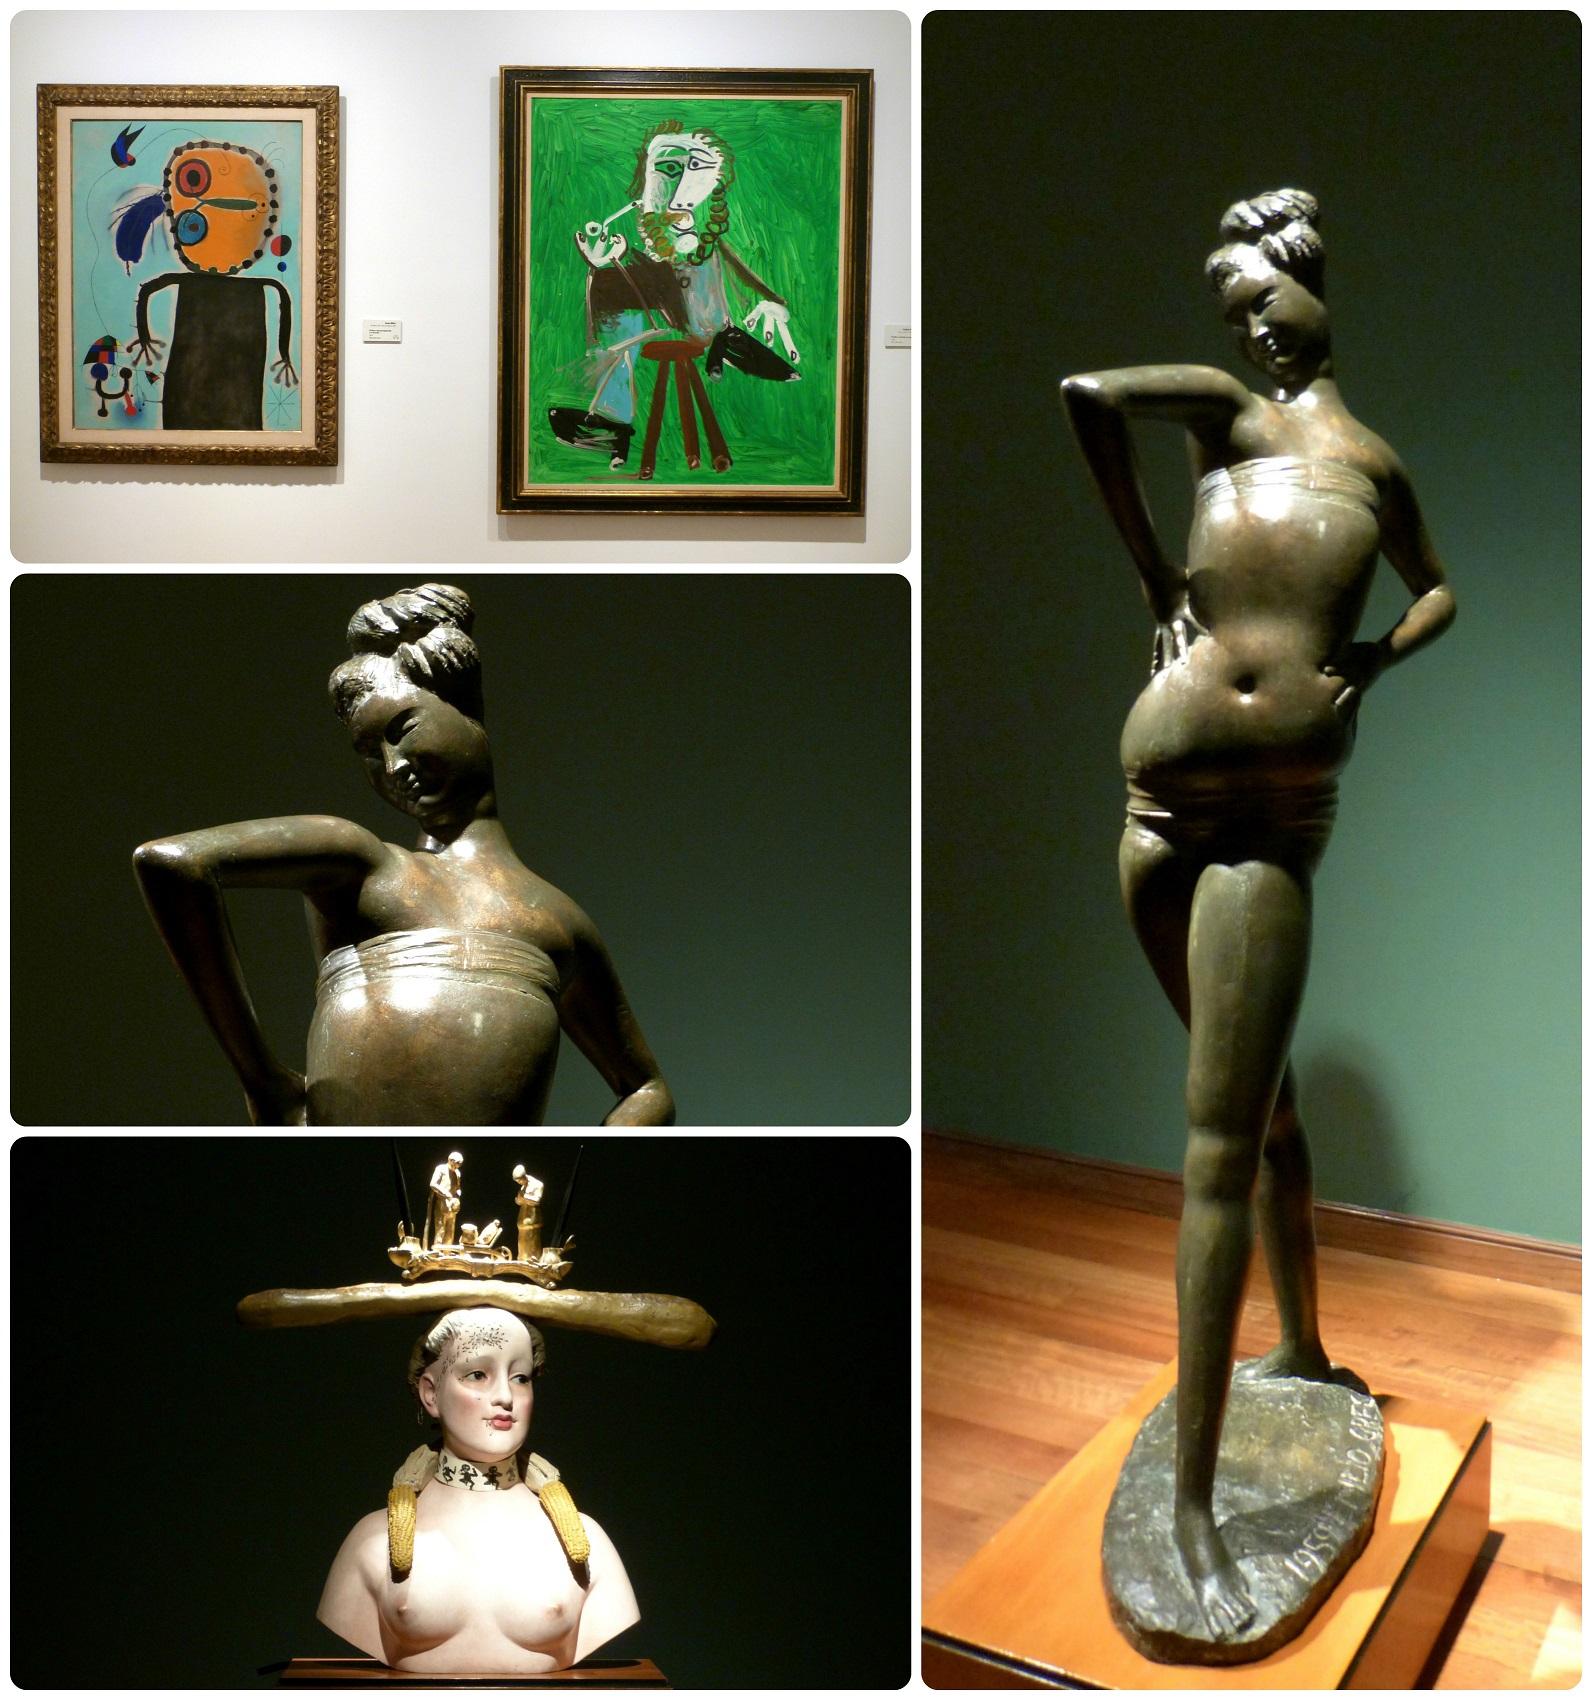 Cuadros y esculturas de artistas en el Museo Botero de Bogotá